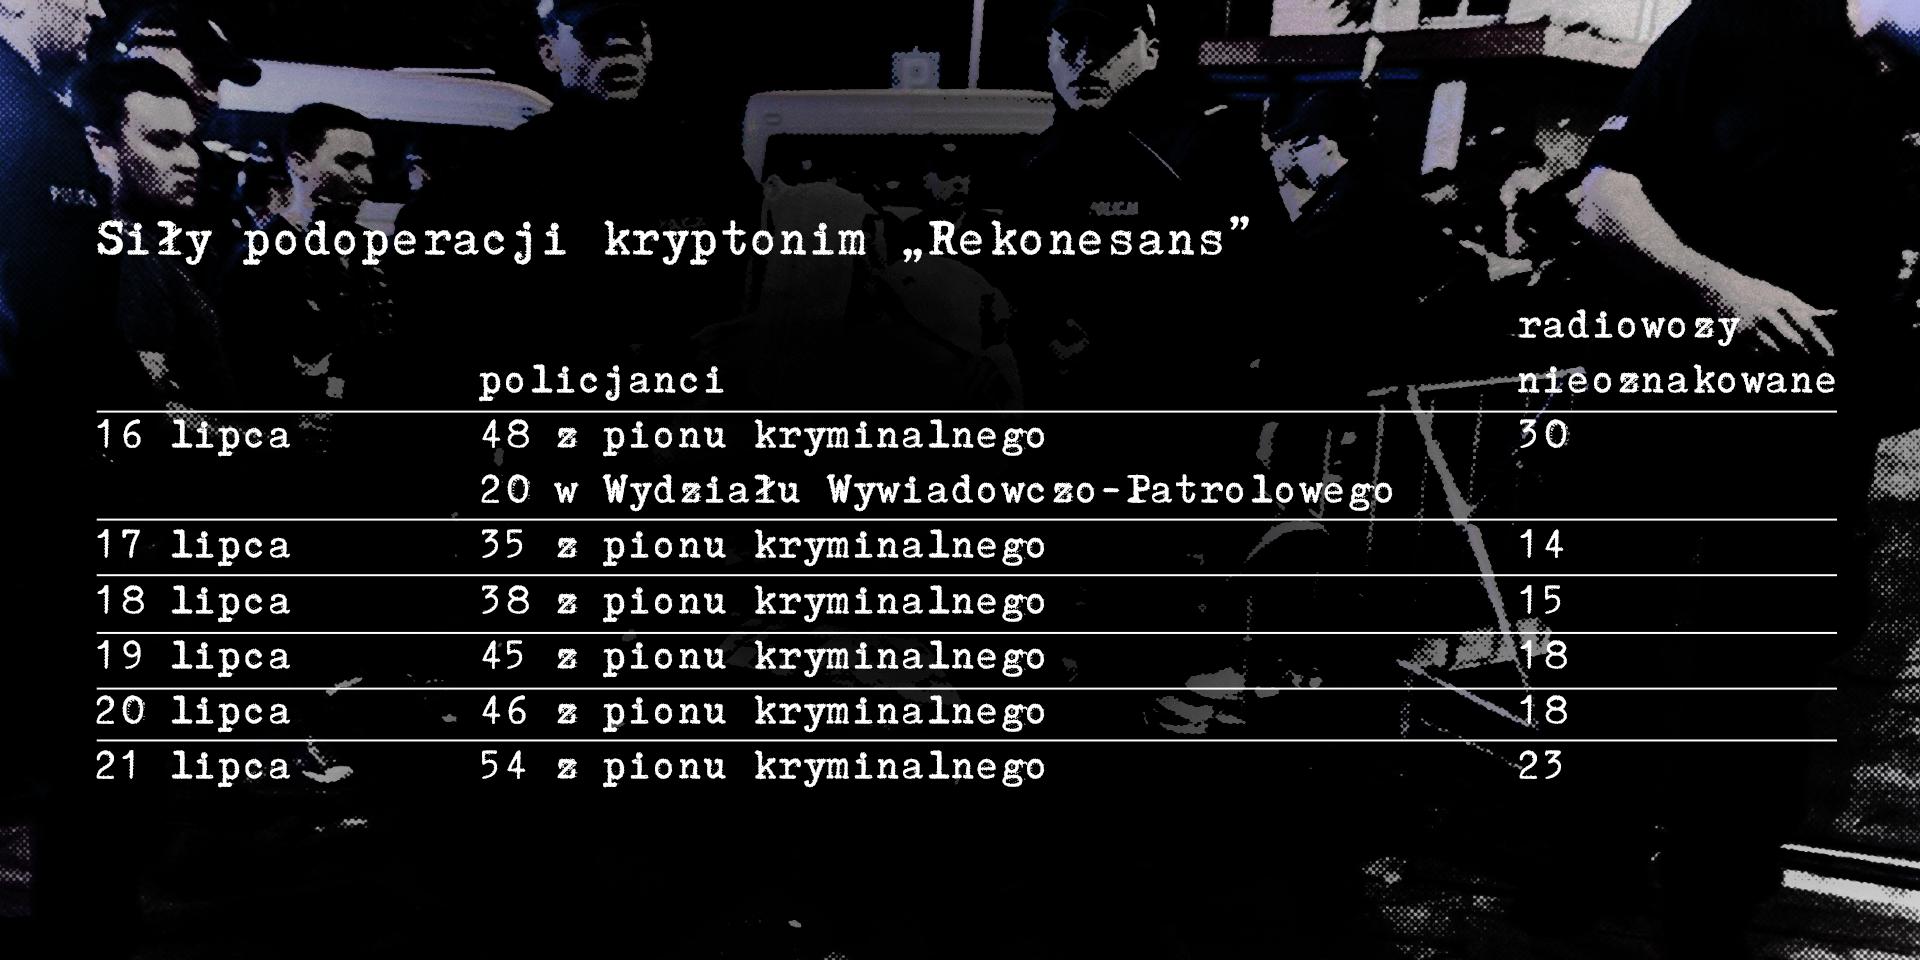 Siły podoperacji kryptonim Rekonesans 16 lipca: 48 policjantów z pionu kryminalnego, 20 policjantów z Wydziału Wywiadowczo- Patrolowego, 30 nieoznakowanych radiowozów; 17 lipca: 35 policjantów z pionu kryminalnego, 14 nieoznakowanych radiowozów; 18 lipca: 38 policjantów z pionu kryminalnego, 15 nieoznakowanych radiowozów; 19 lipca: 45 policjantów z pionu kryminalnego, 18 nieoznakowanych radiowozów; 20 lipca: 46 policjantów z pionu kryminalnego, 18 nieoznakowanych radiowozów; 21 lipca: 54 policjantów z pionu kryminalnego, 23 nieoznakowane radiowozy